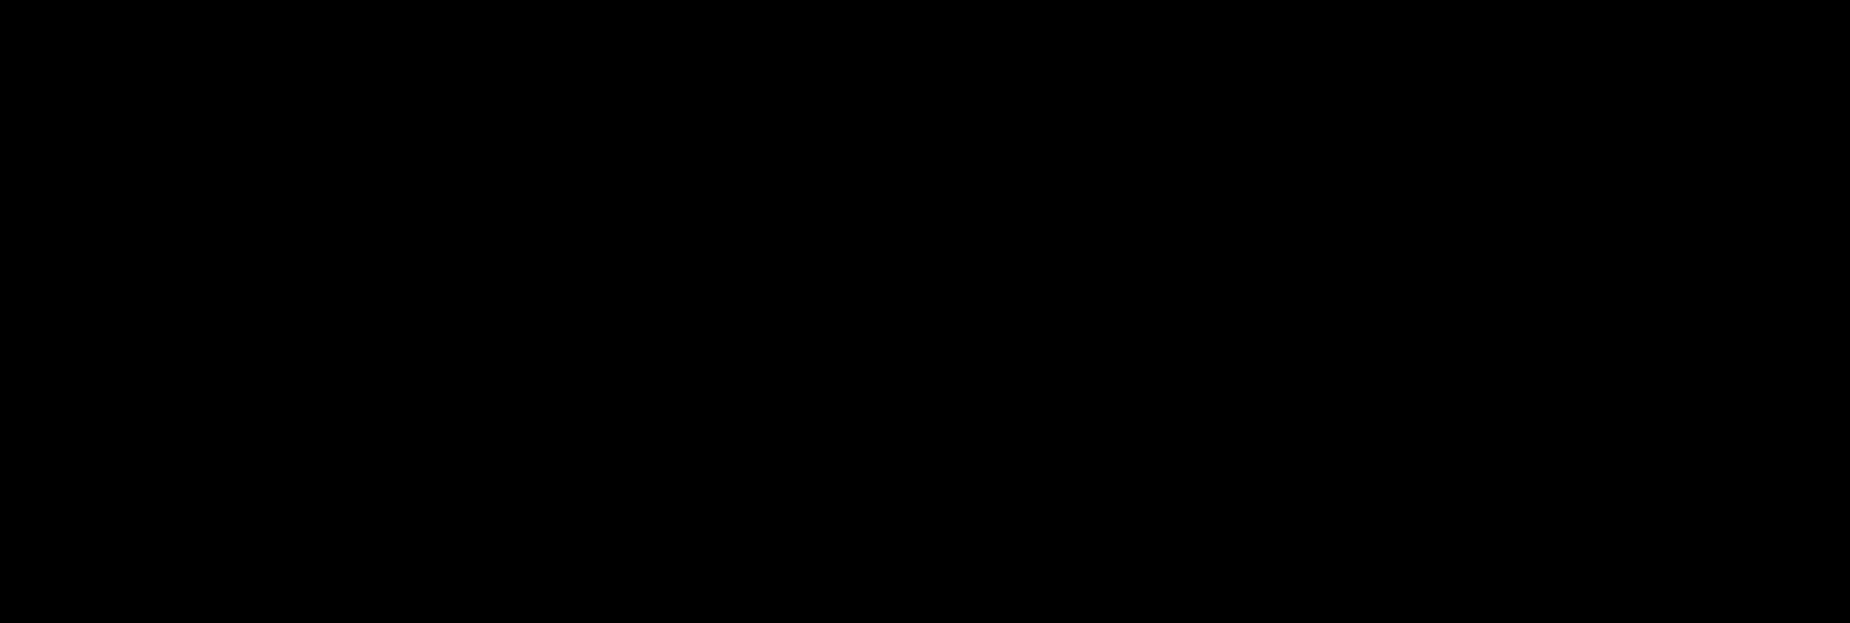 Diethyl (2-(2-(2-aminoethoxy)ethoxy)ethyl)phosphonate